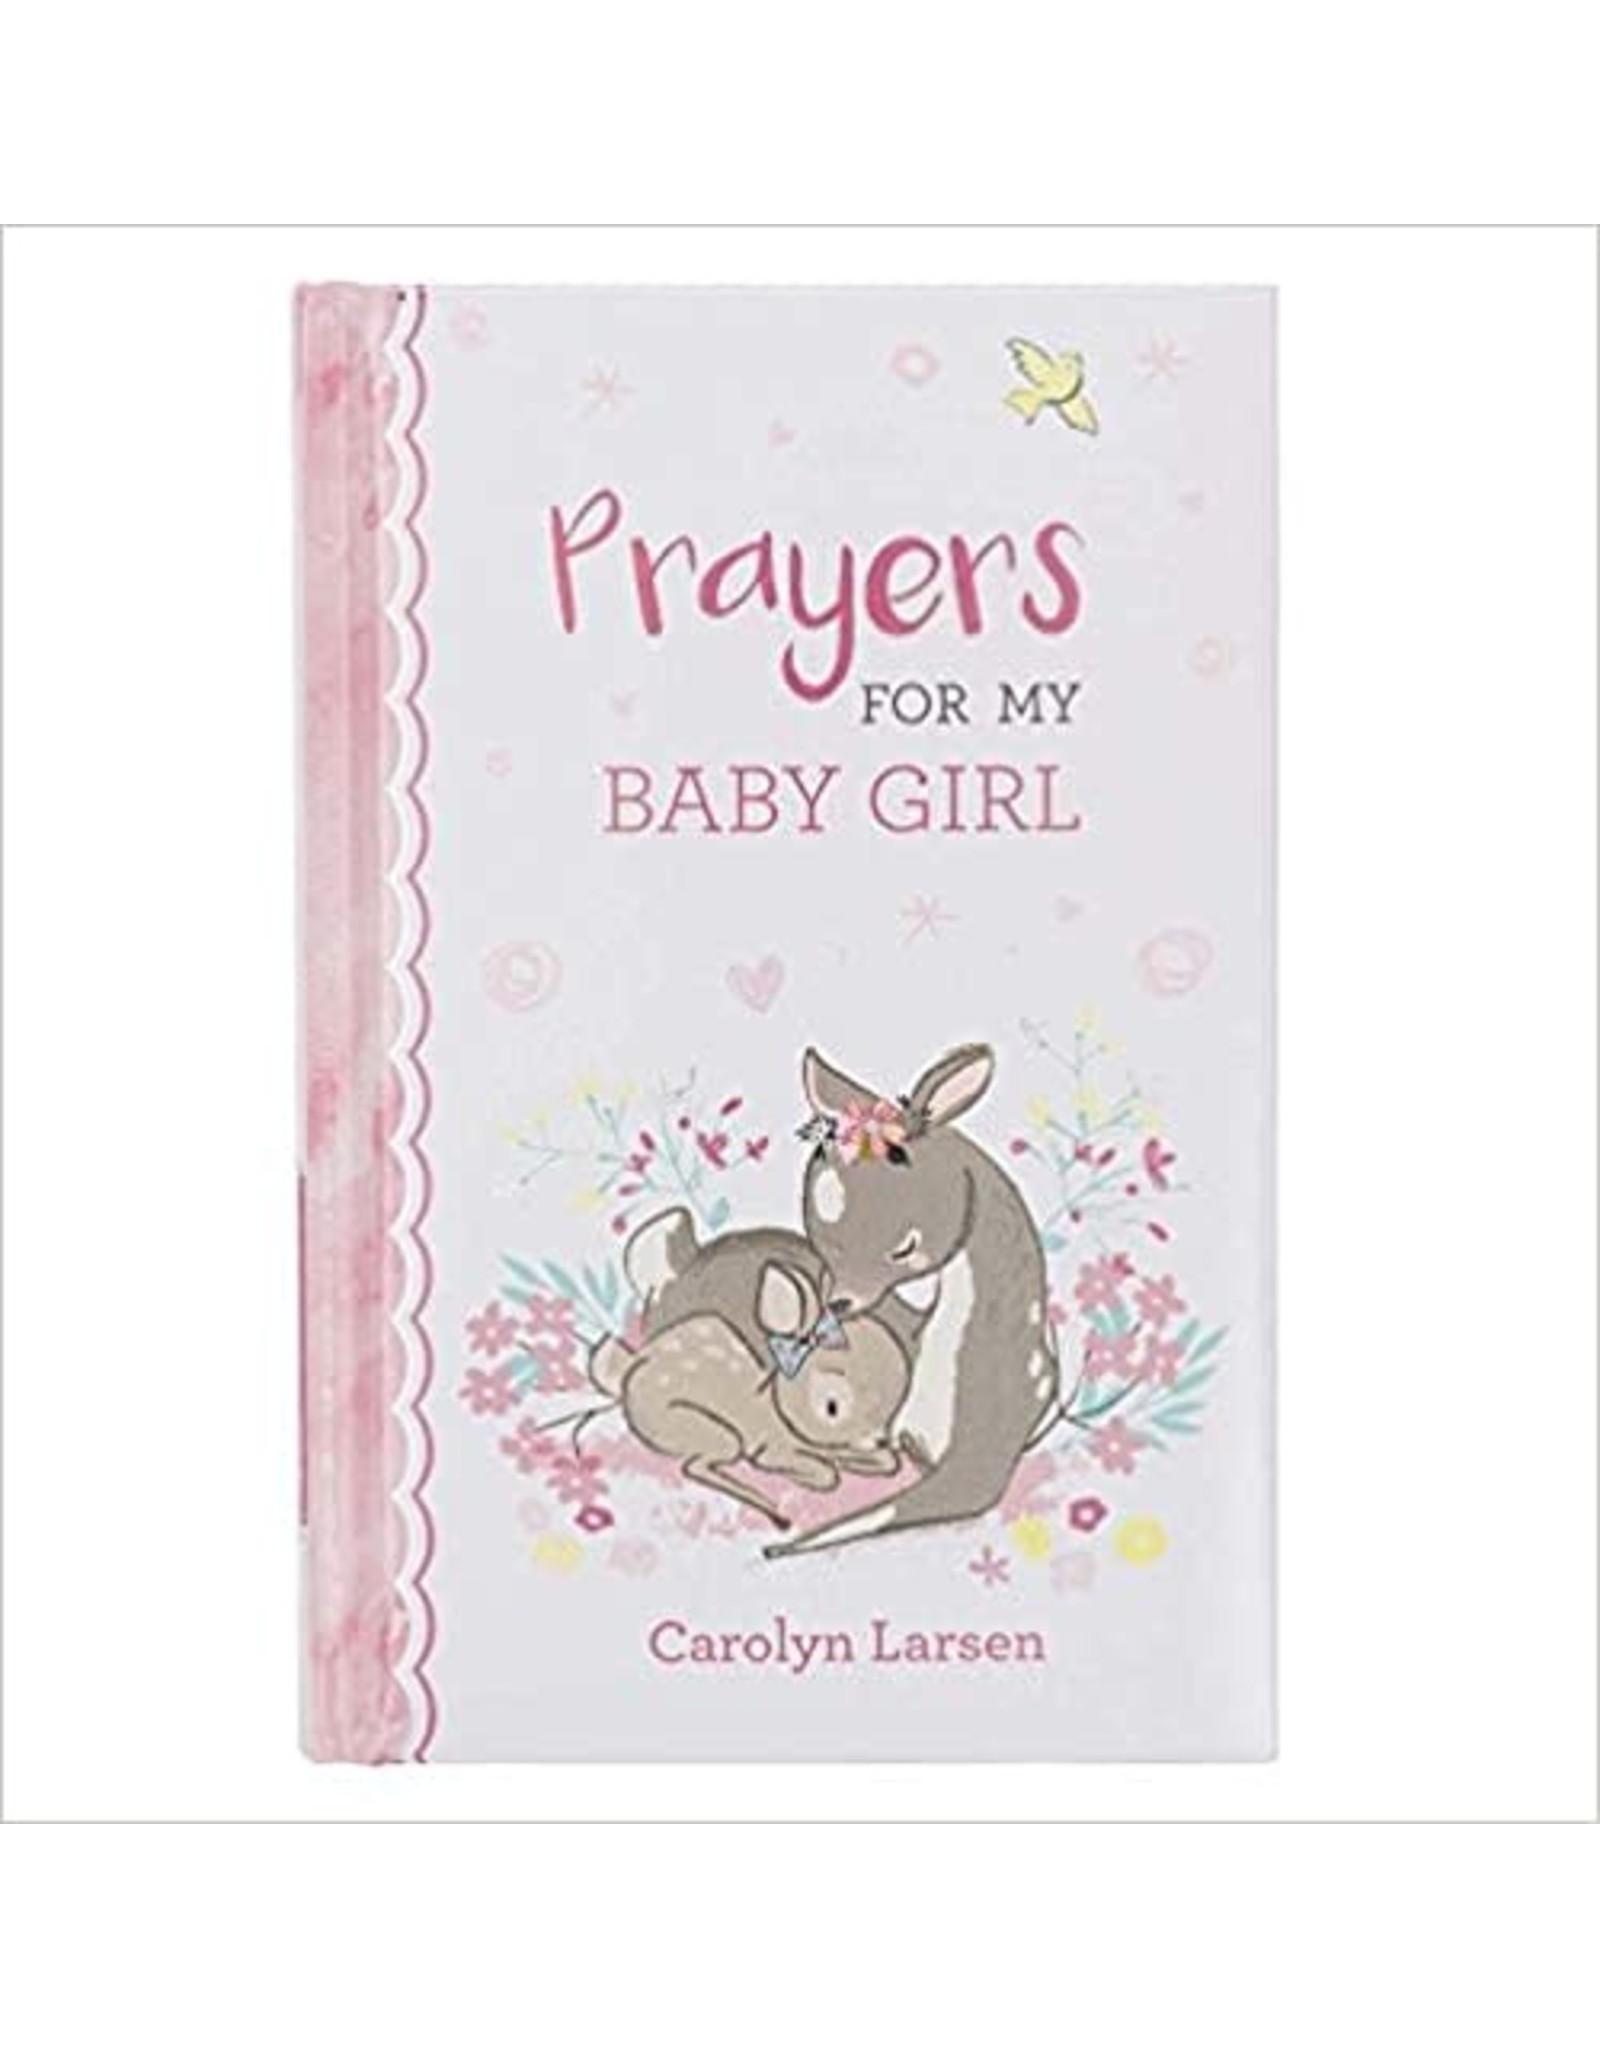 Prayers for Baby Girl